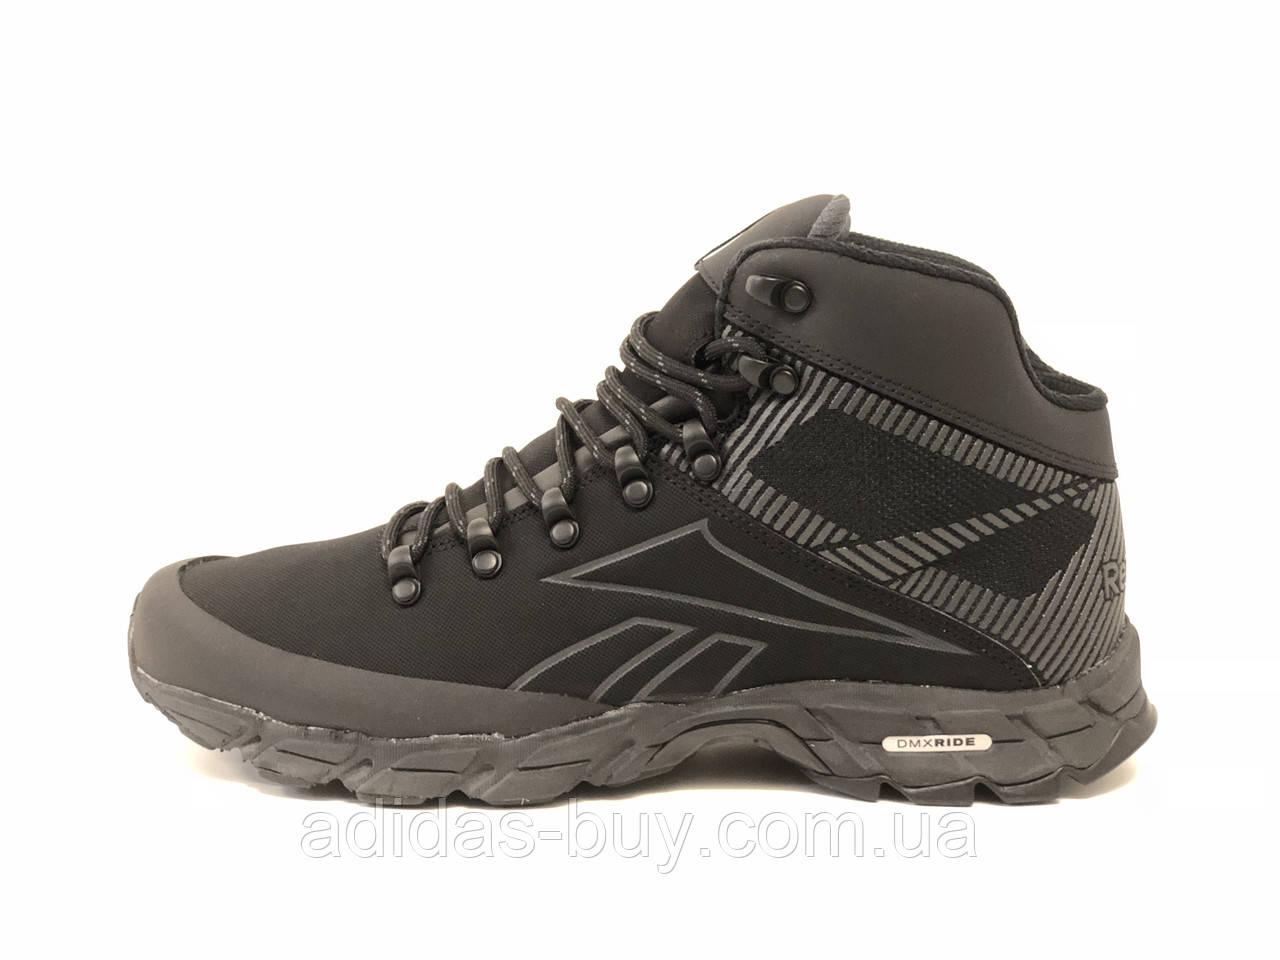 abffd8399d43 Мужские оригинальные зимние ботинки оригинальные Reebok TRAIL CHASER II MID  BD4315 цвет  черный - ORIGINAL